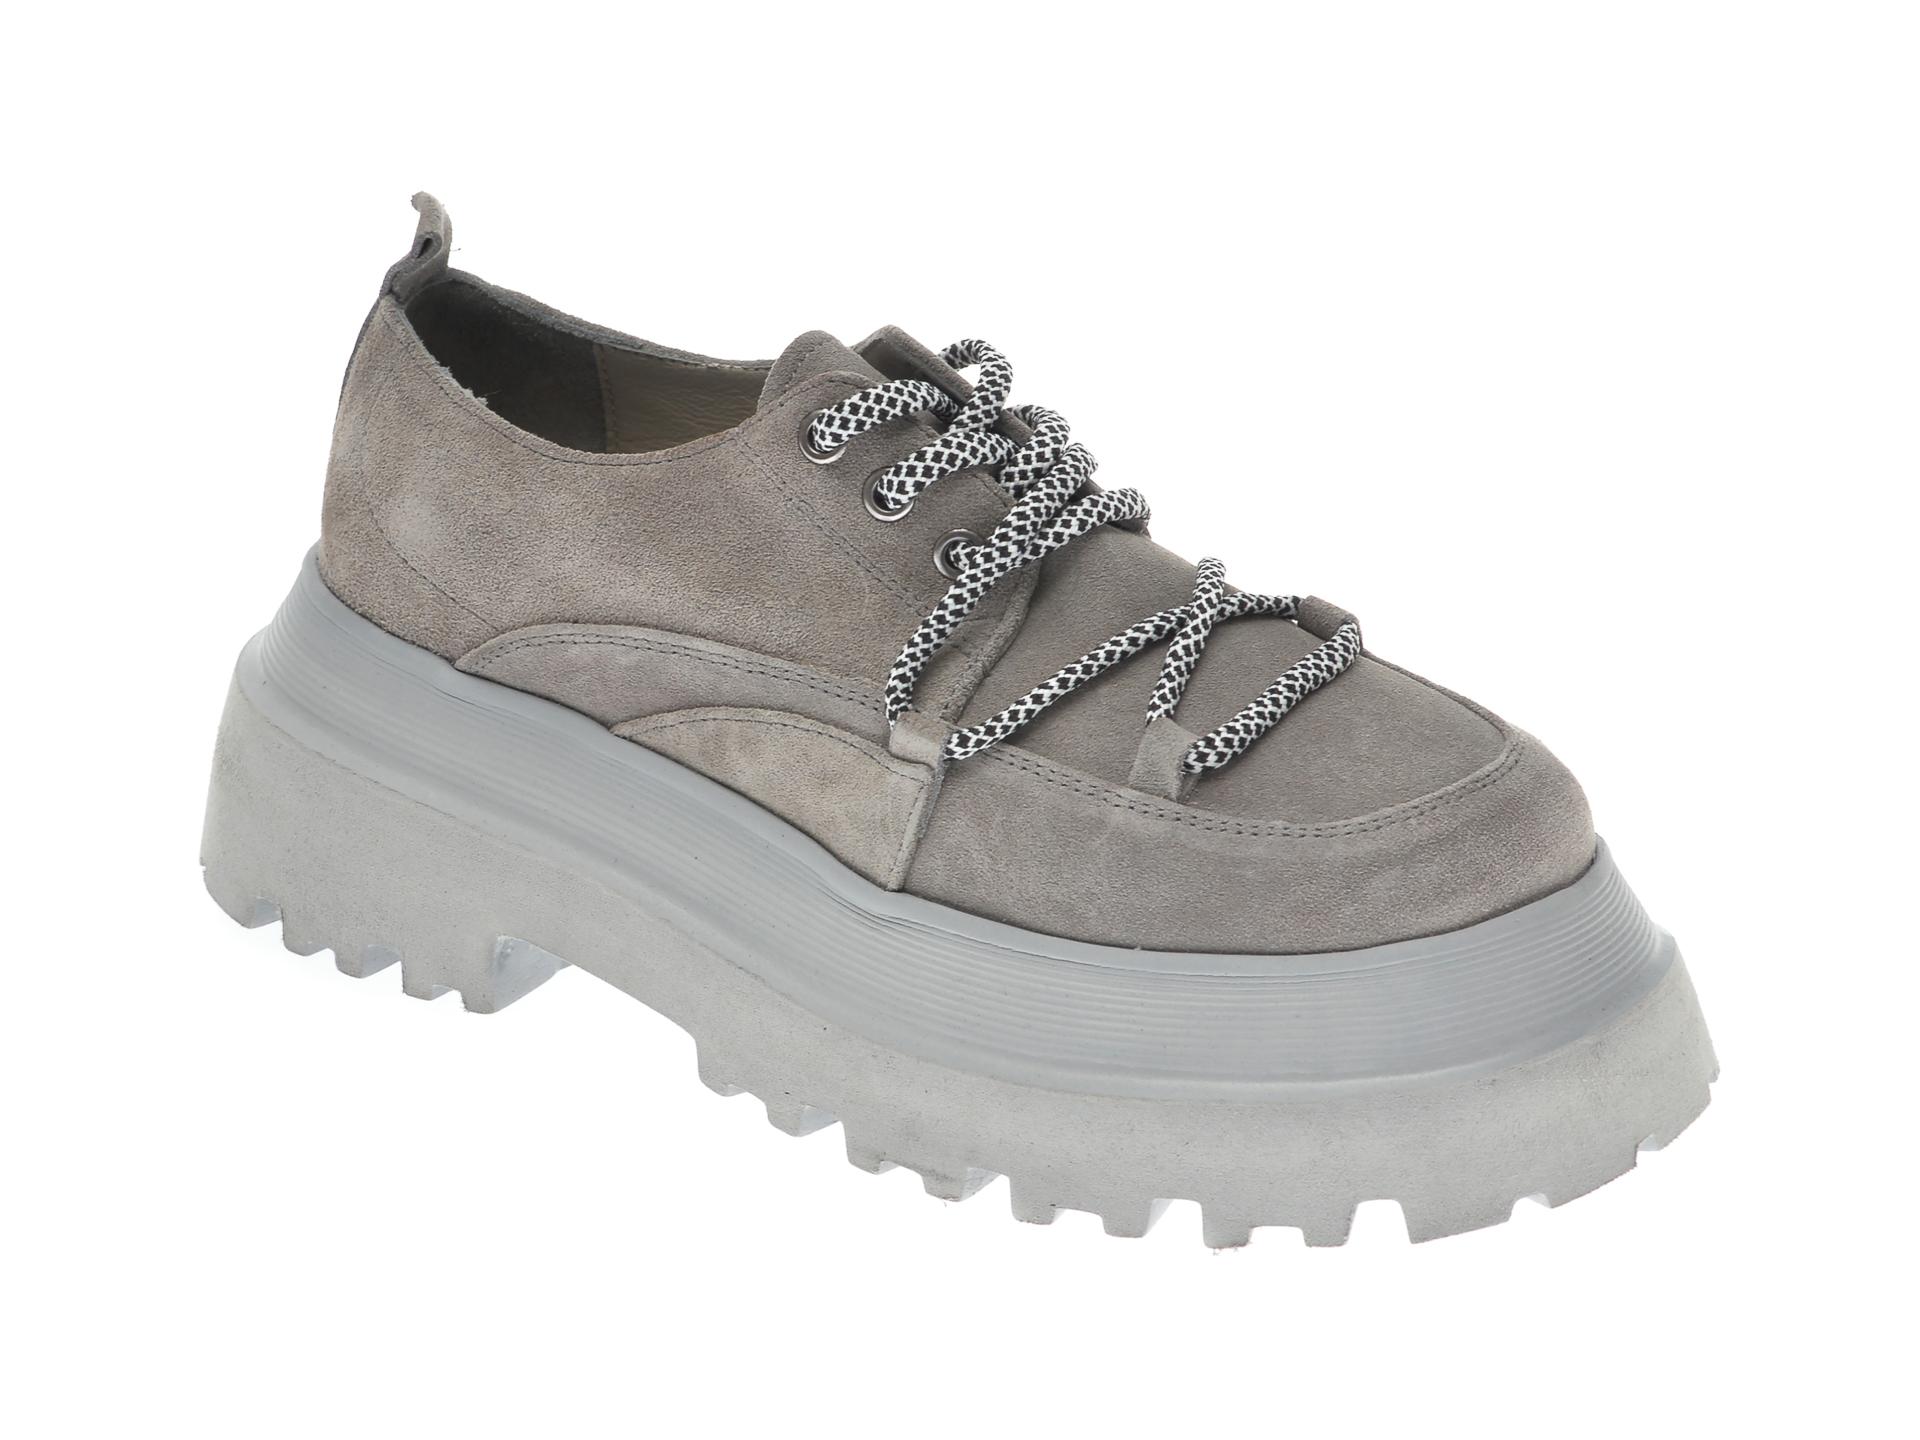 Pantofi FLAVIA PASSINI gri, 11903, din piele intoarsa imagine